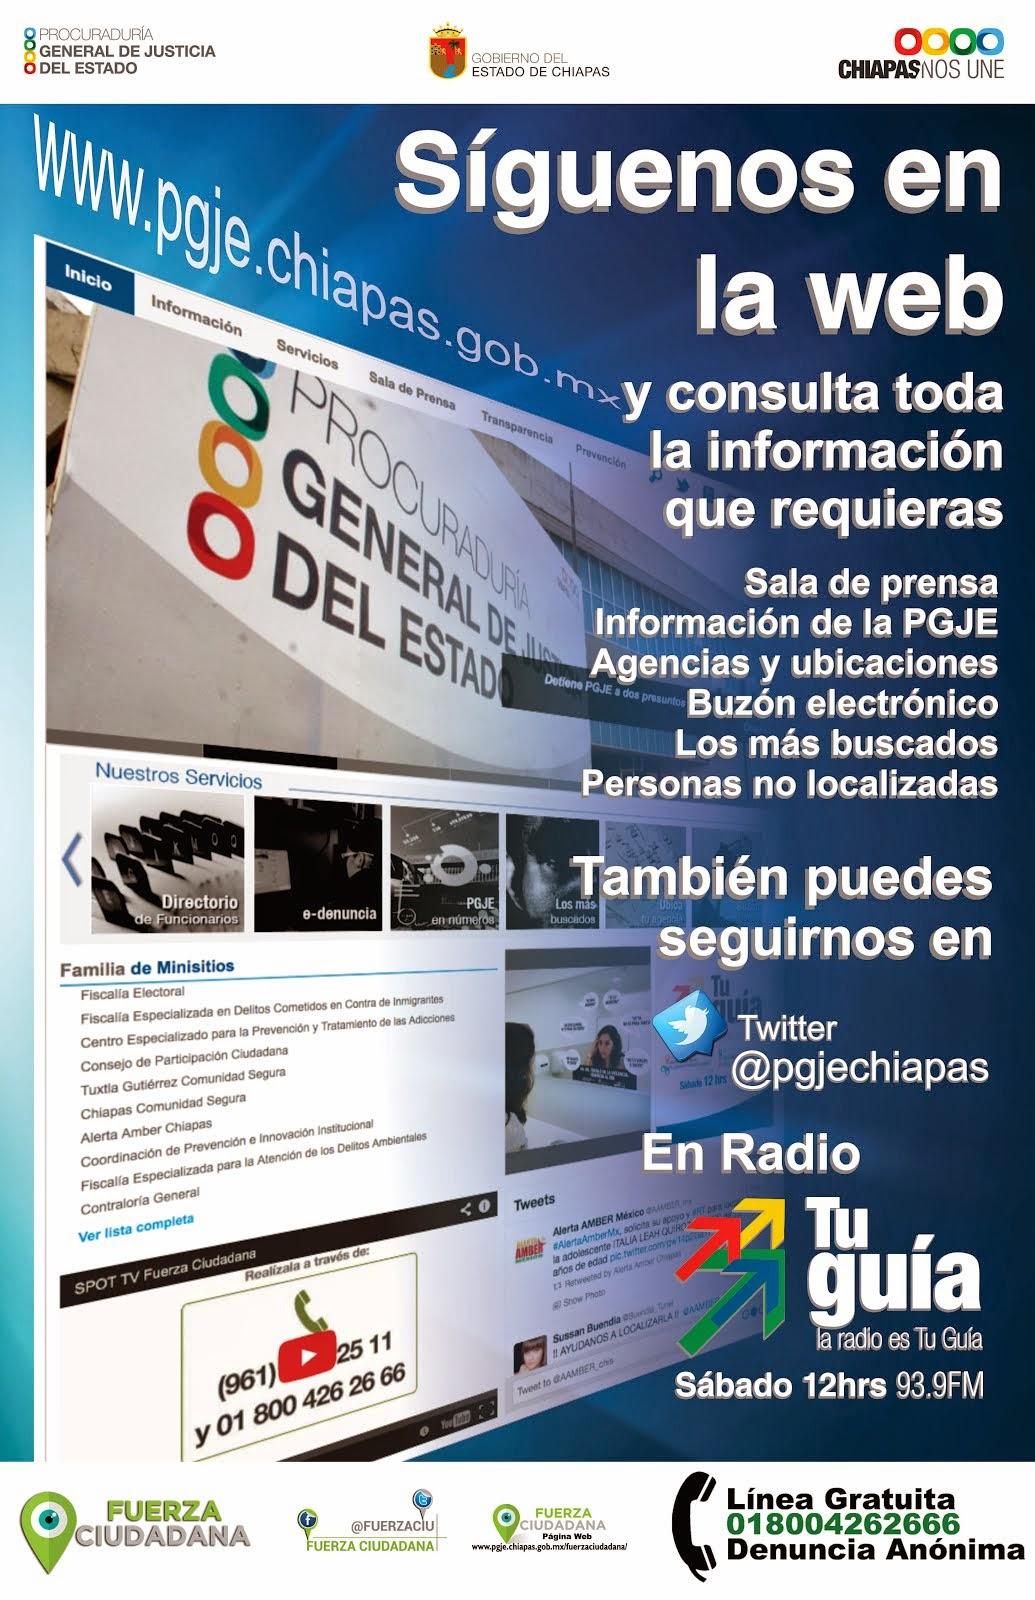 Procuraduría General de Justicia del Estado de Chiapas